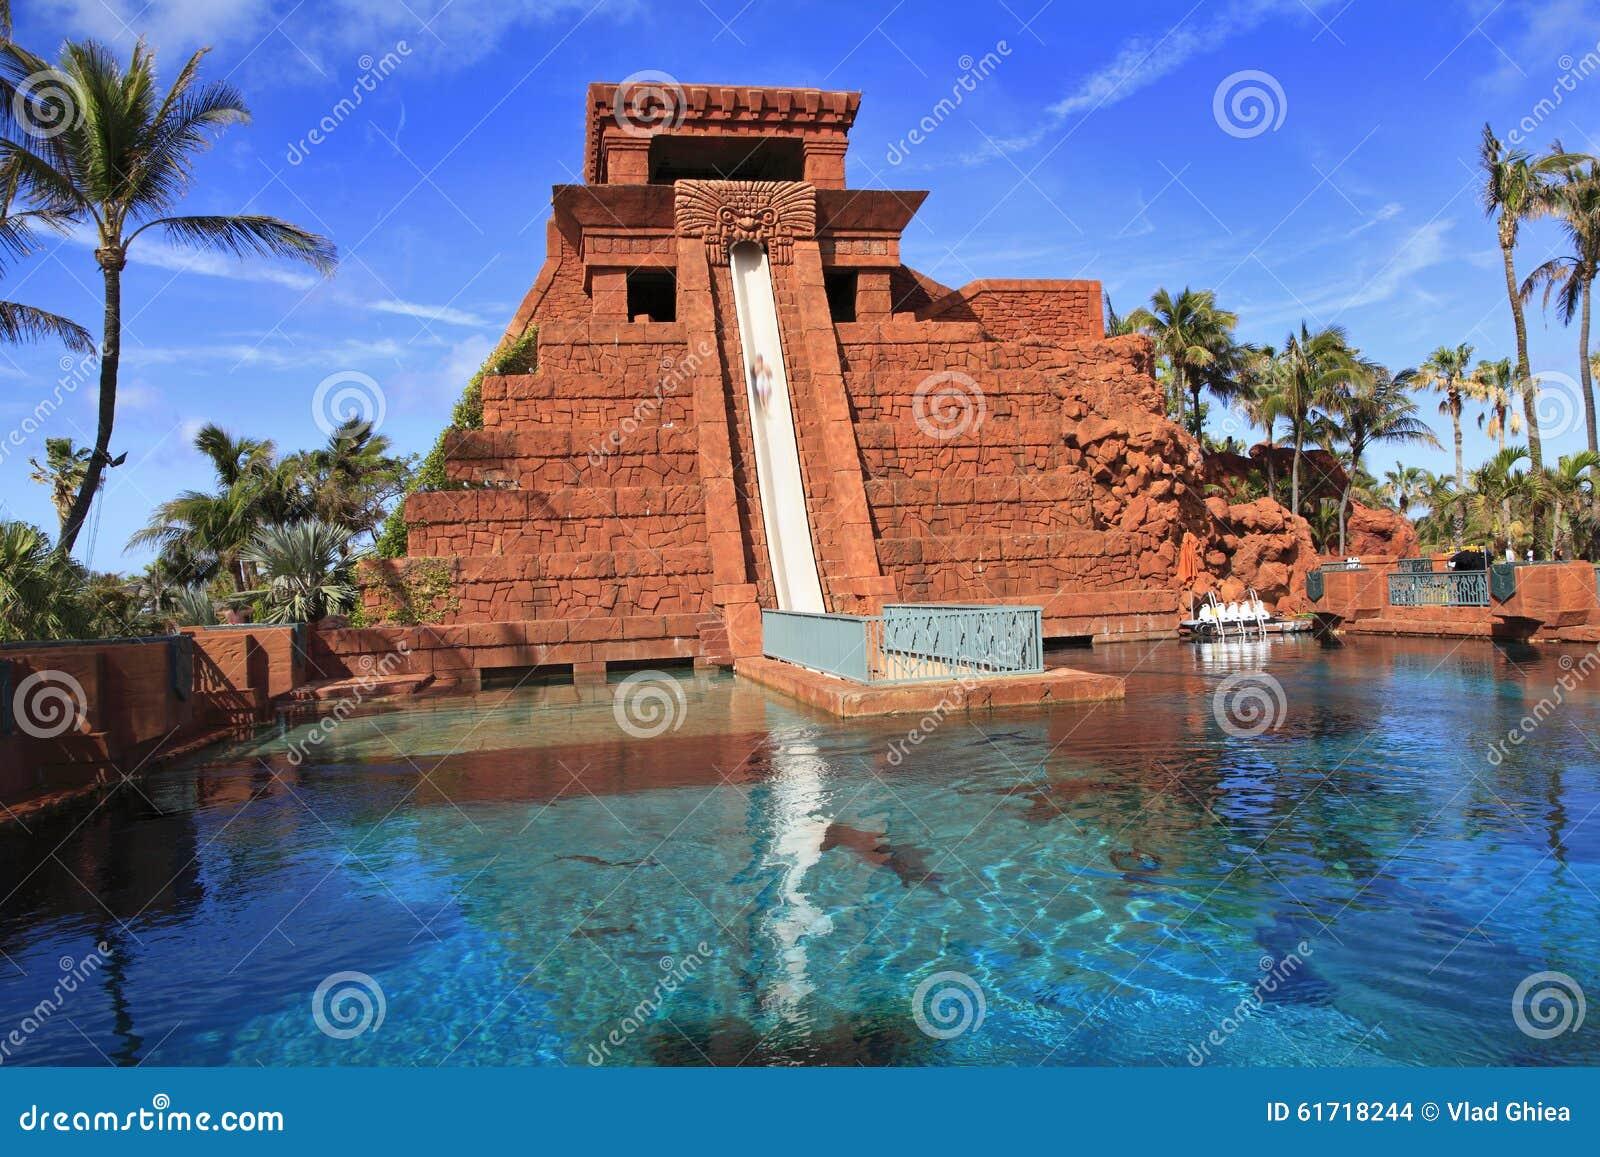 underwater water slide atlantis. royaltyfree stock photo download the water slide underwater atlantis